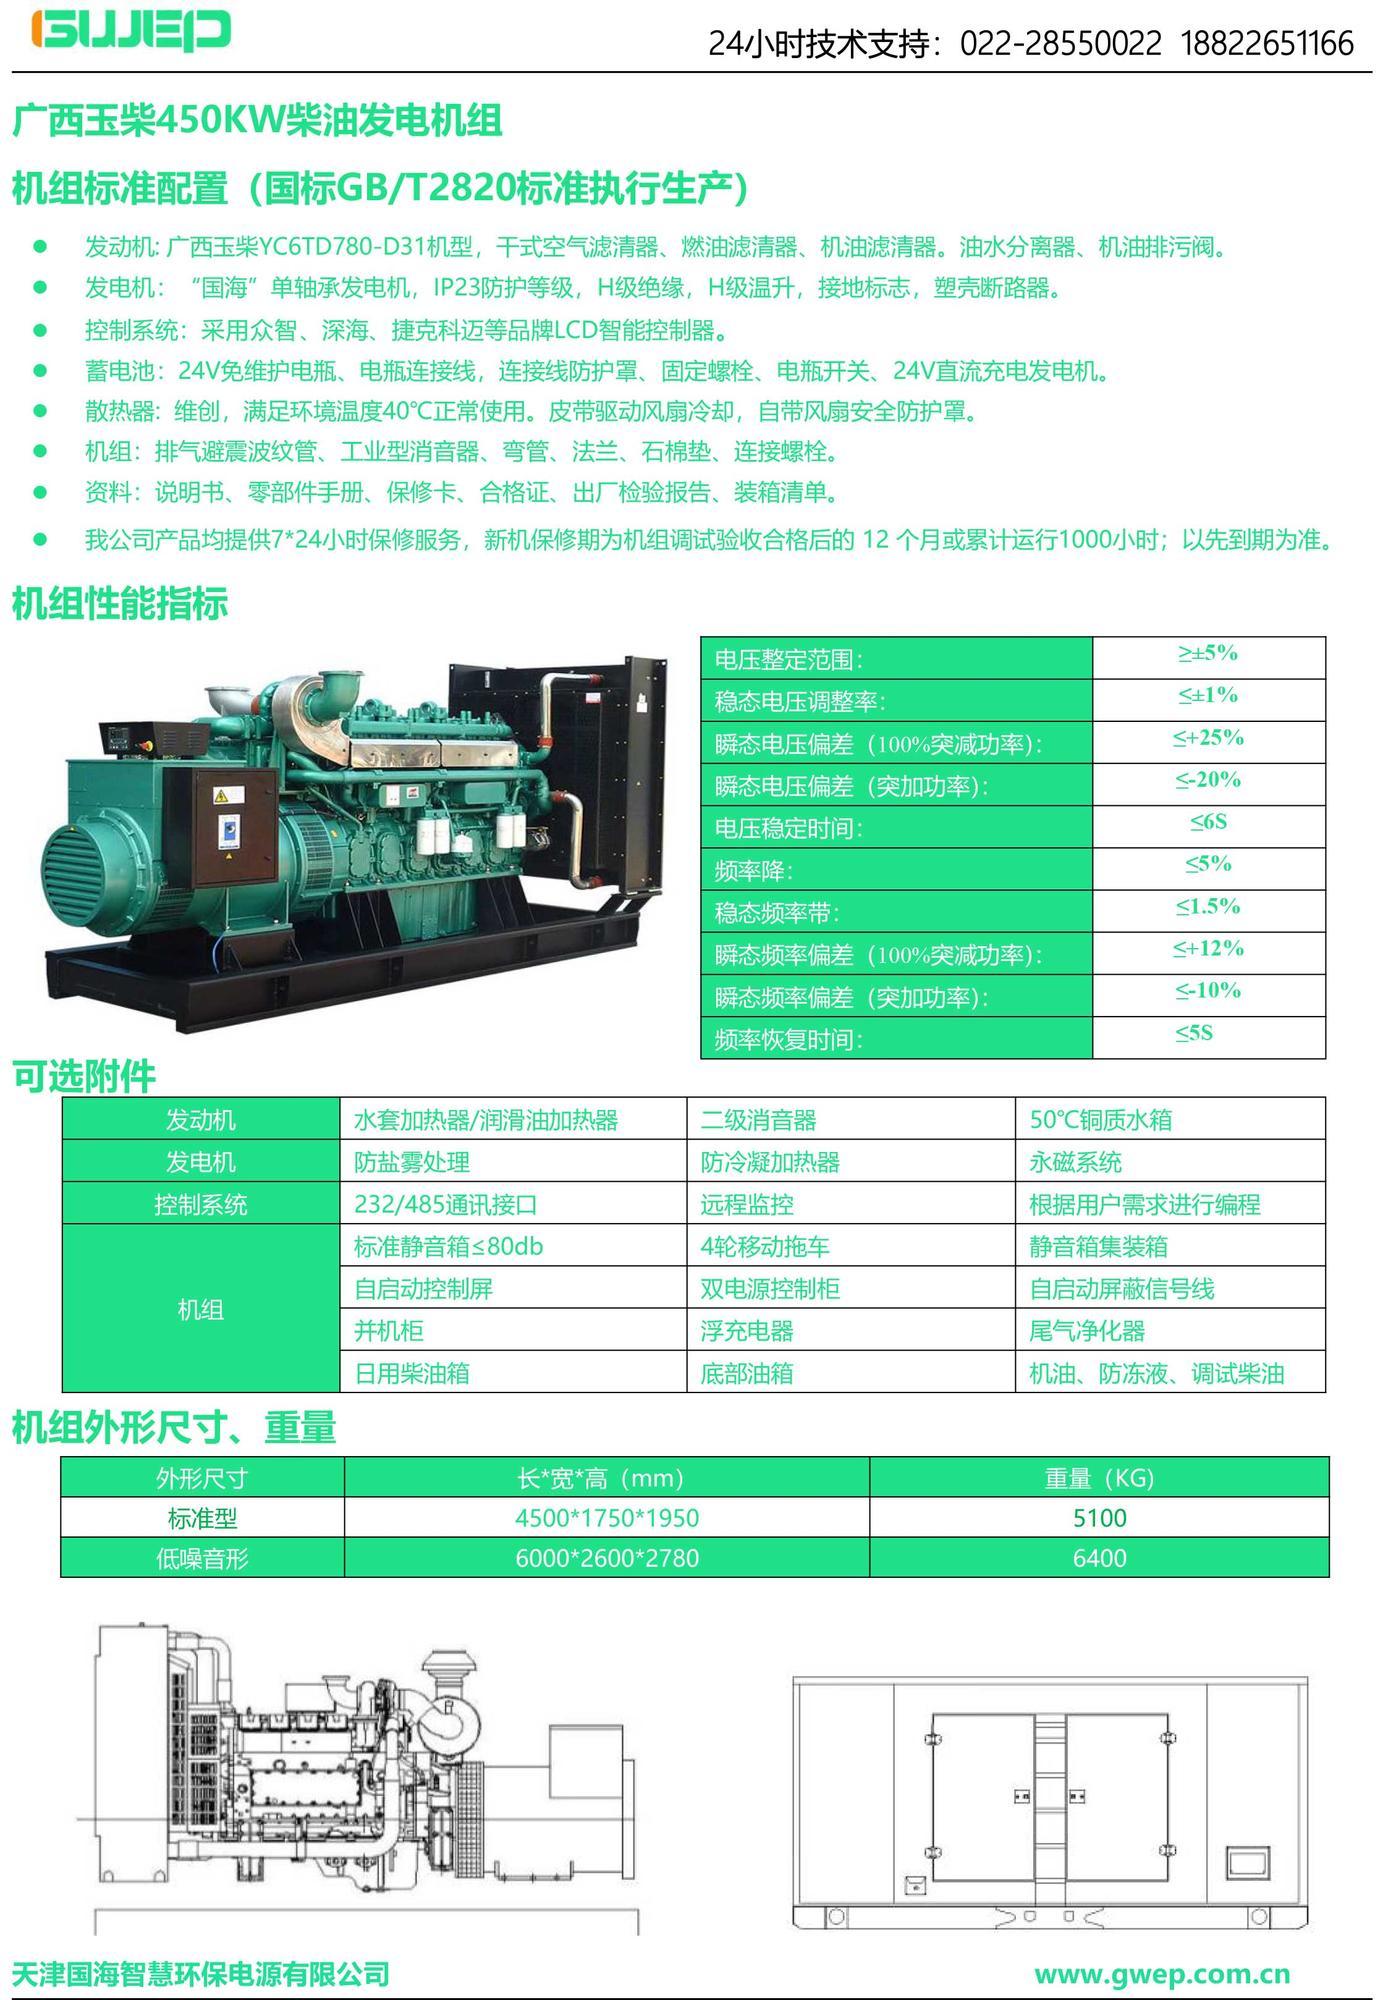 玉柴450KW发电机组技术资料-1.jpg